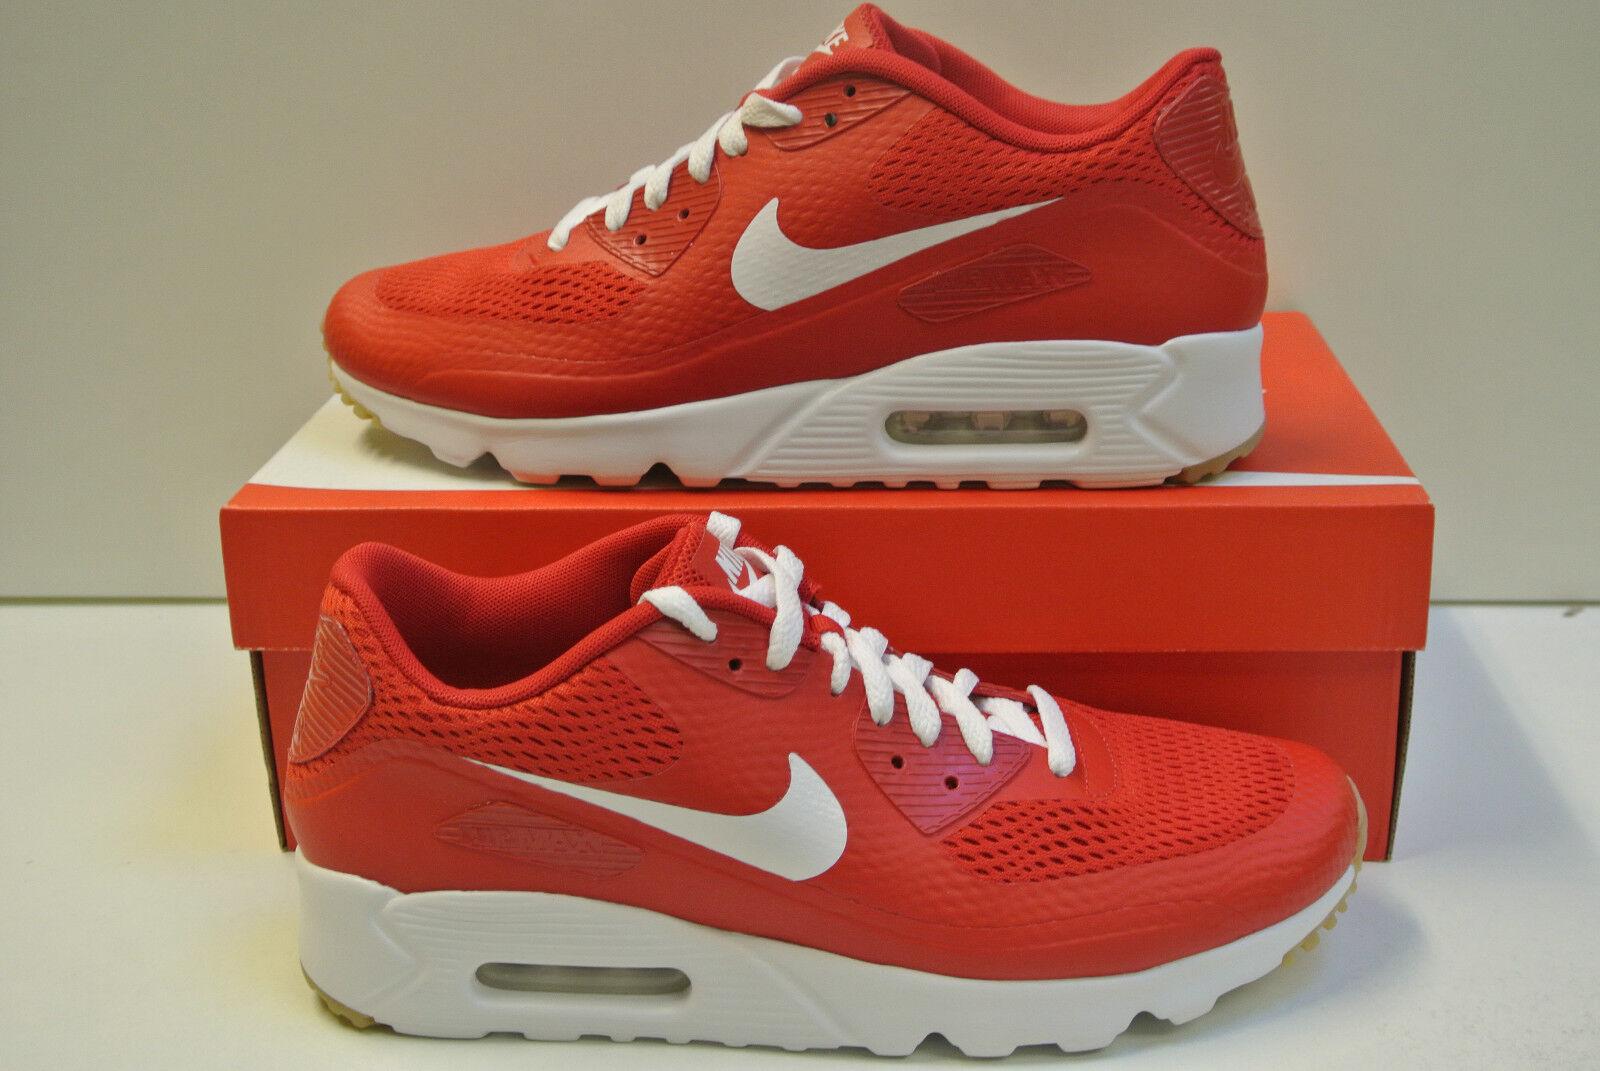 Nike Air Max 90 Ultra Essential Größe wählbar Neu & OVP 819474 601 König der Masse